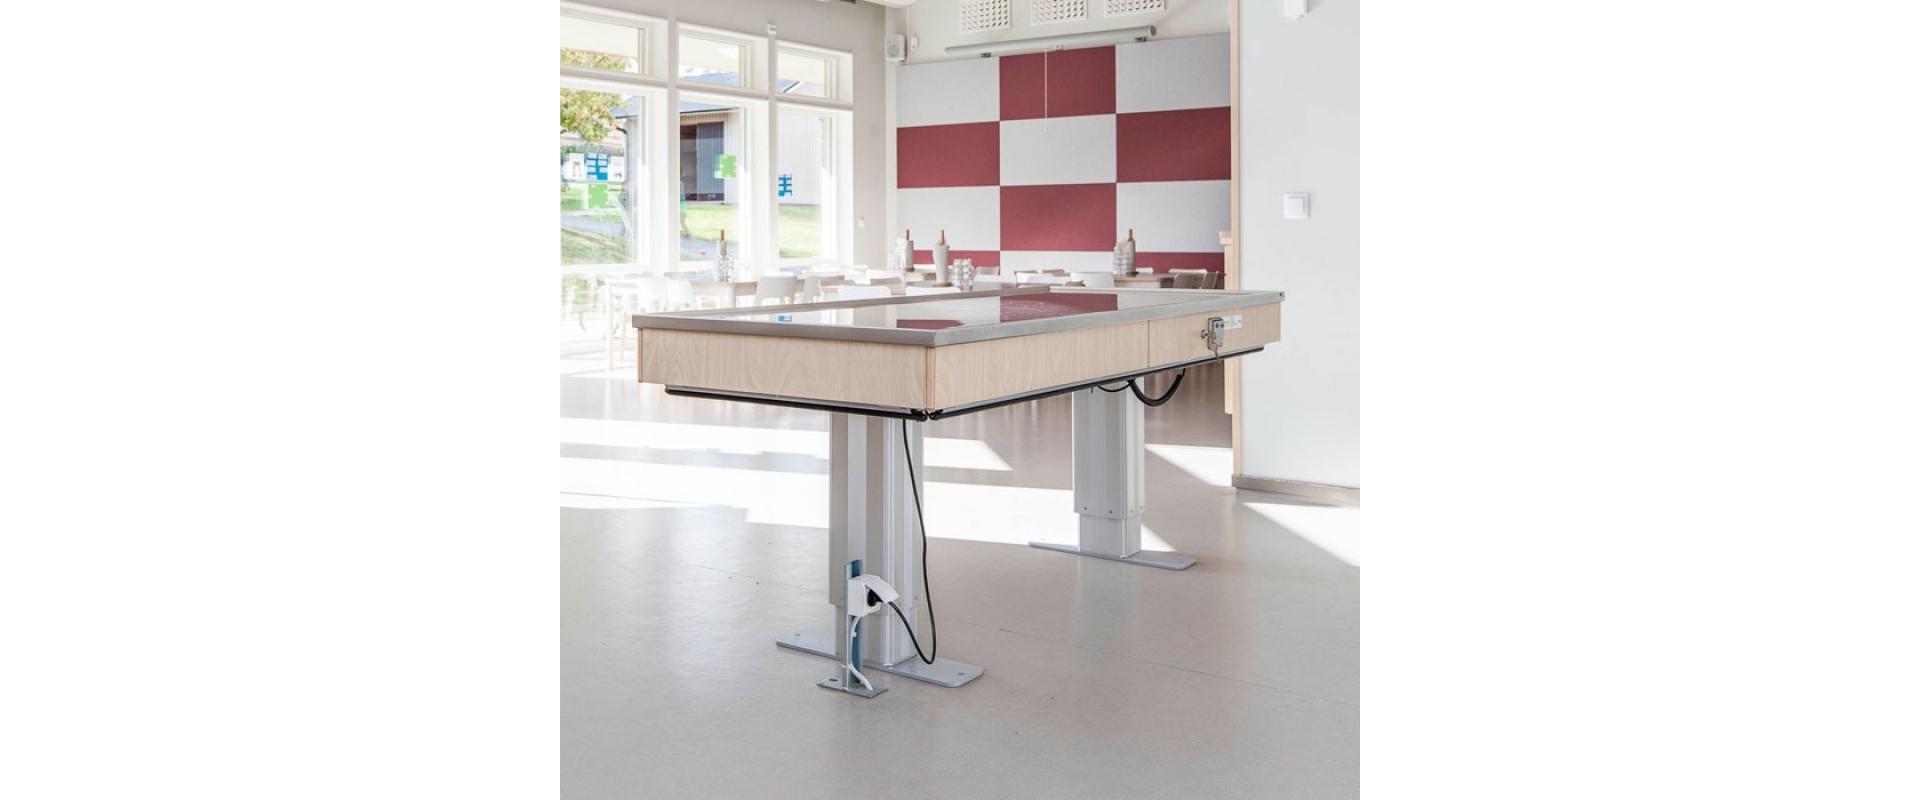 <b>Höj- och sänkbart serveringsbord</b>